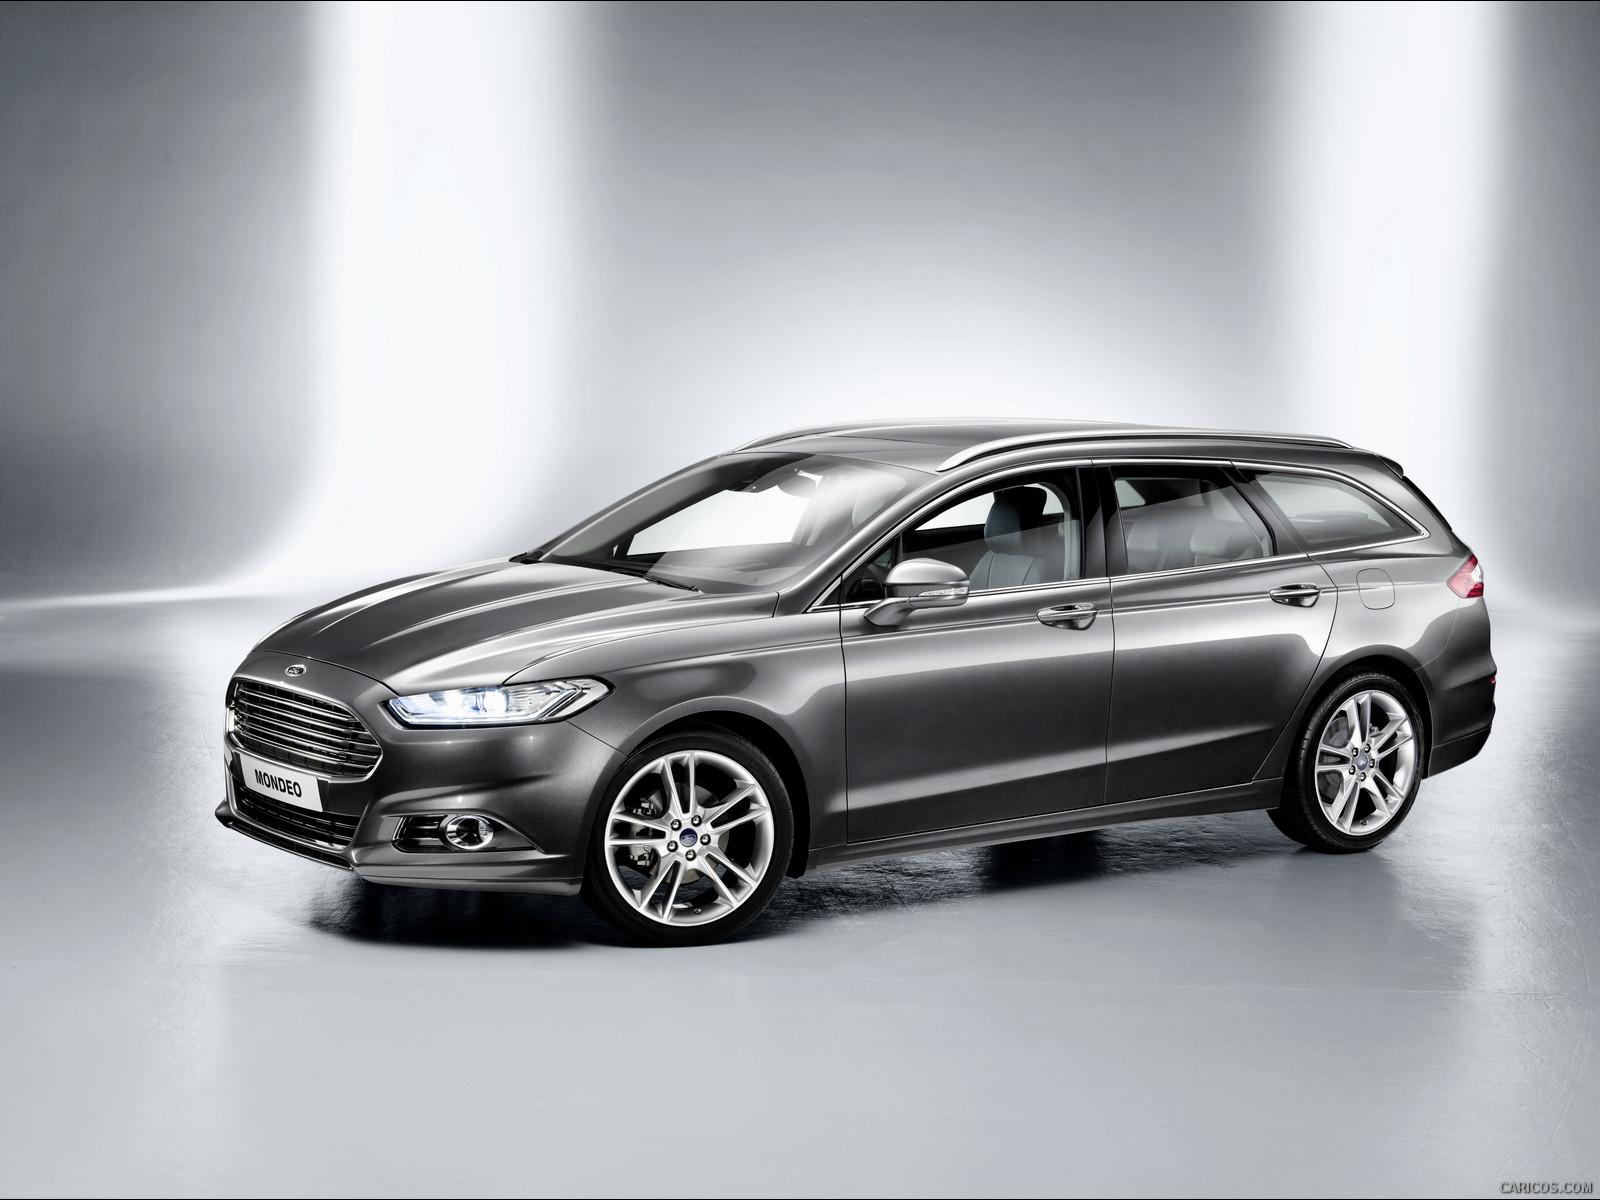 форд мондео универсал цена новый #10